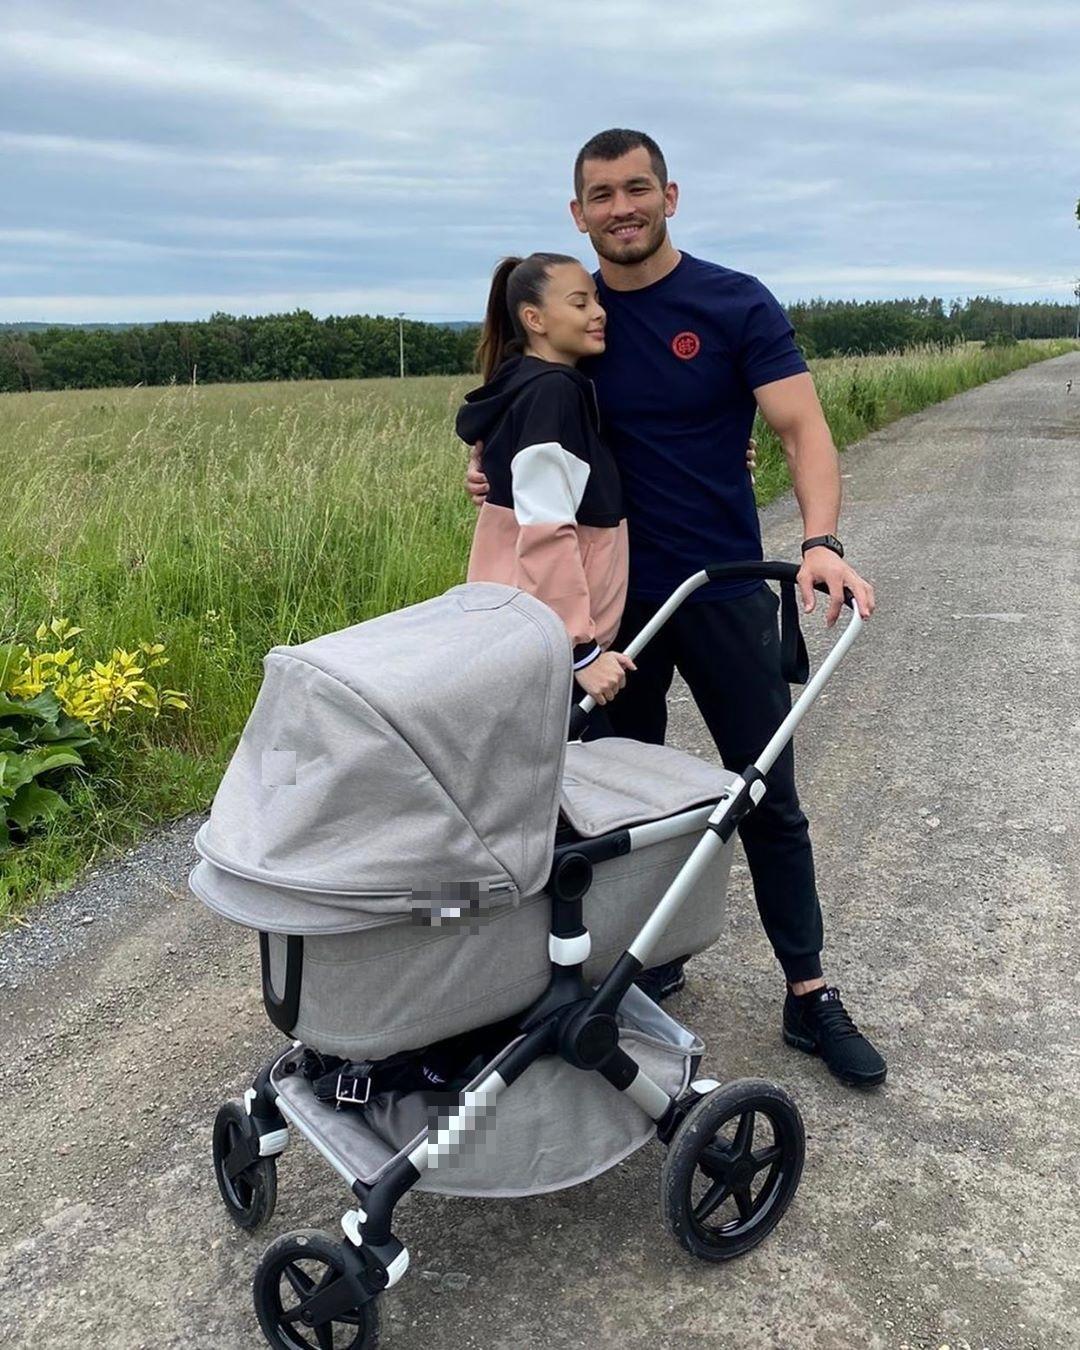 Monika Bagárová s partnerem Makhmudem Muradovem a kočárkem na procházce